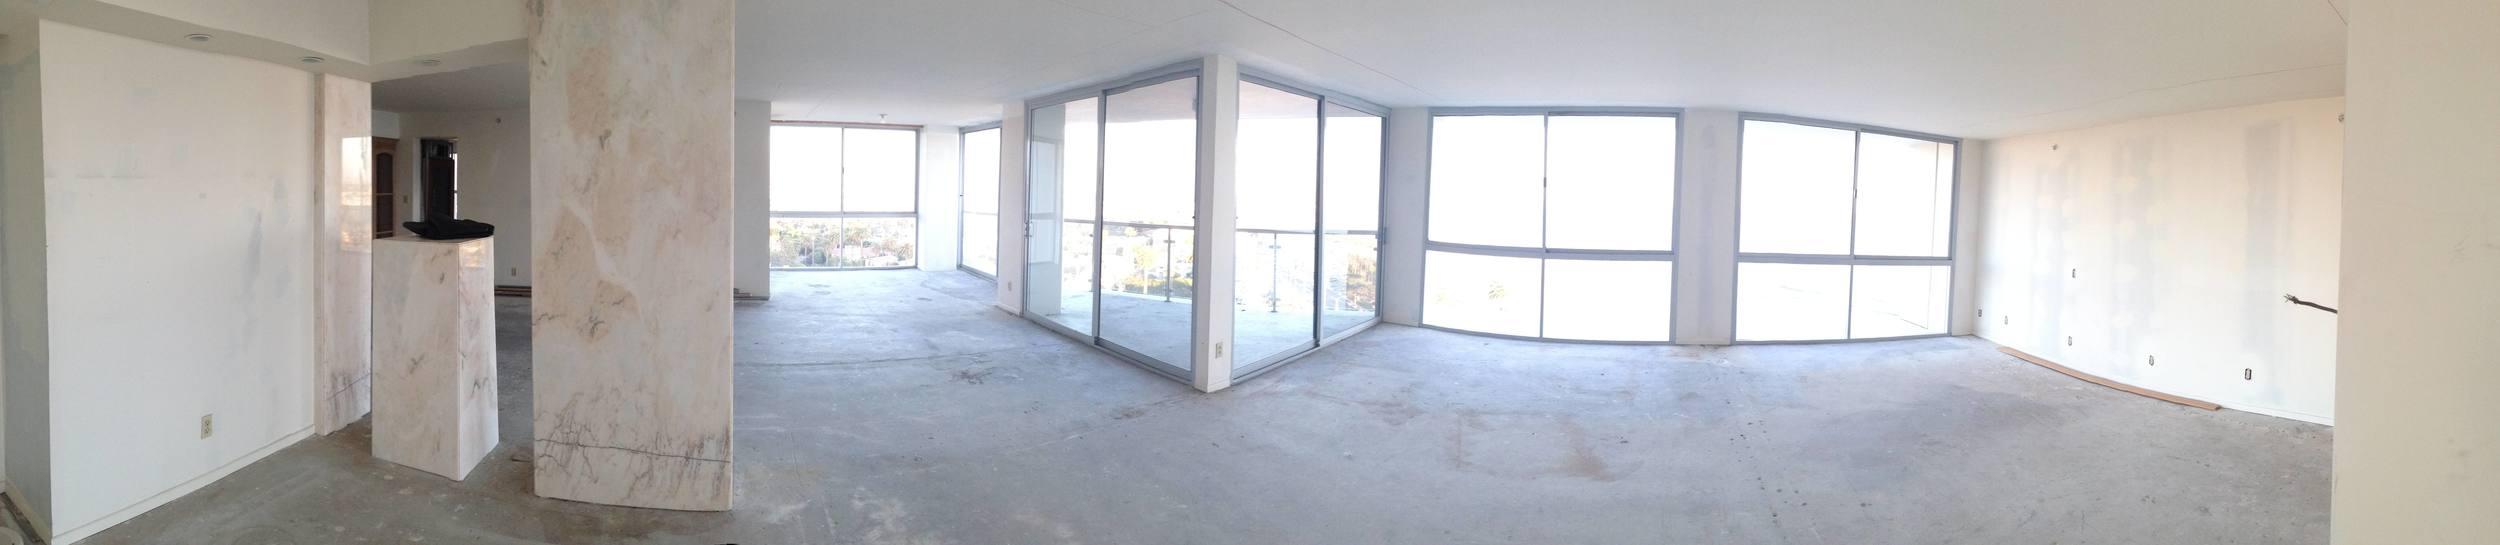 OT Interior.jpg